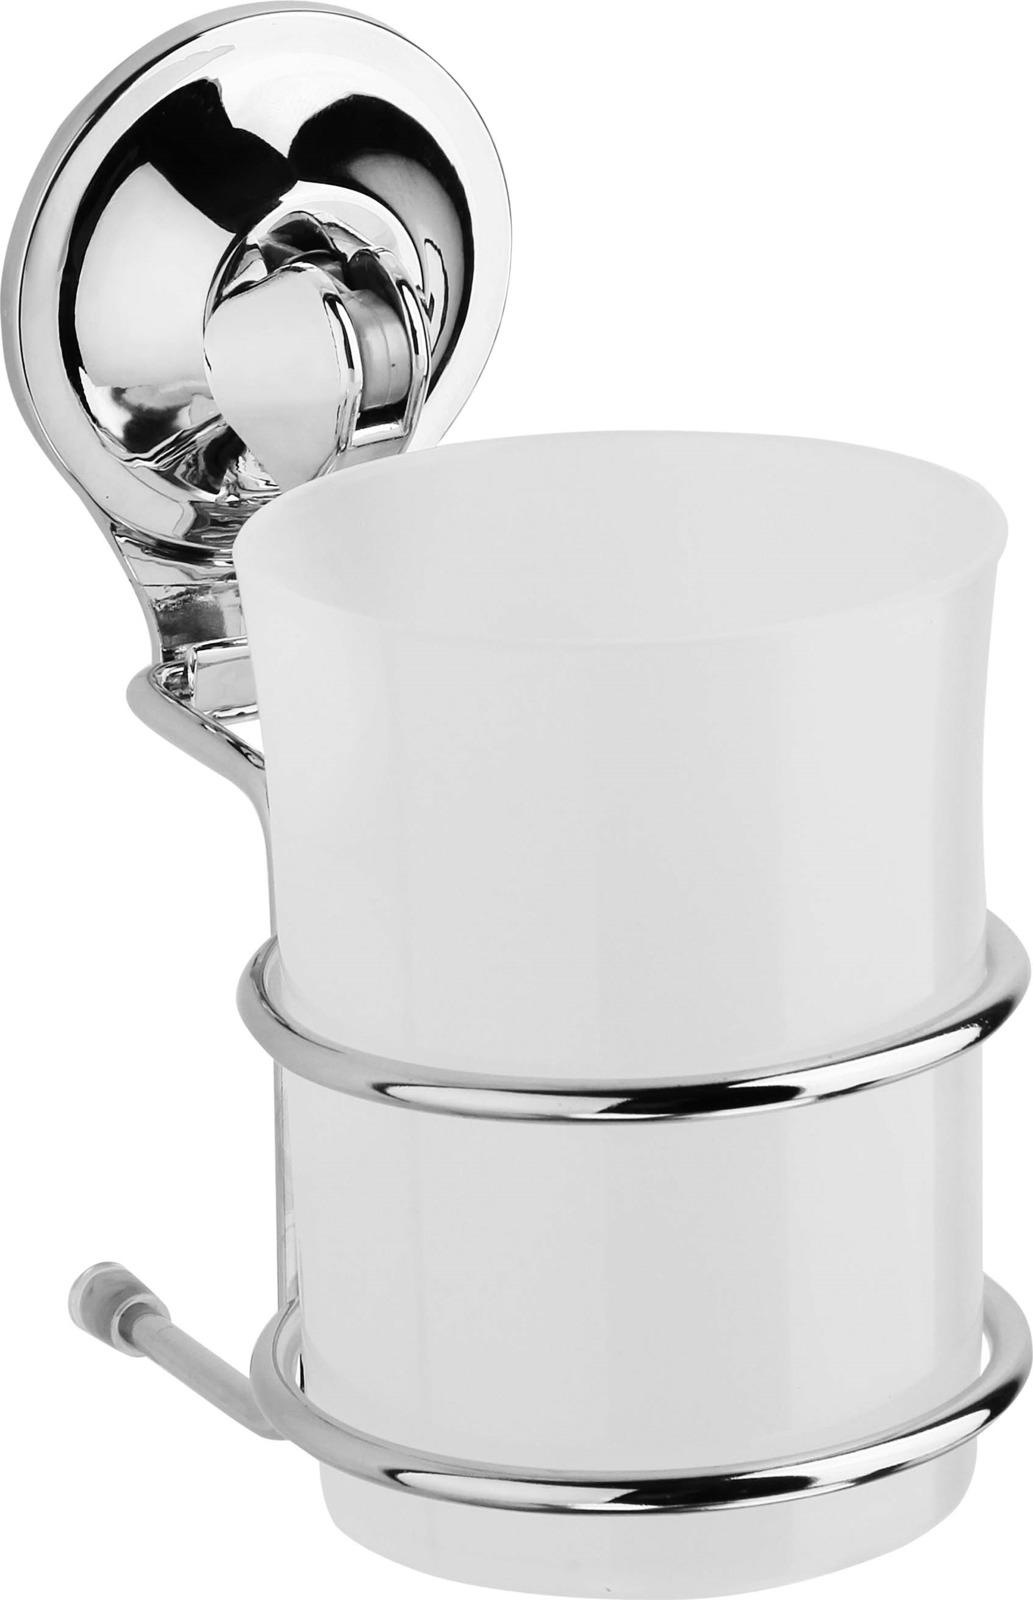 Фото - Стакан для ванной комнаты Fora Triumf, на присоске, T044, серебристый аксессуары